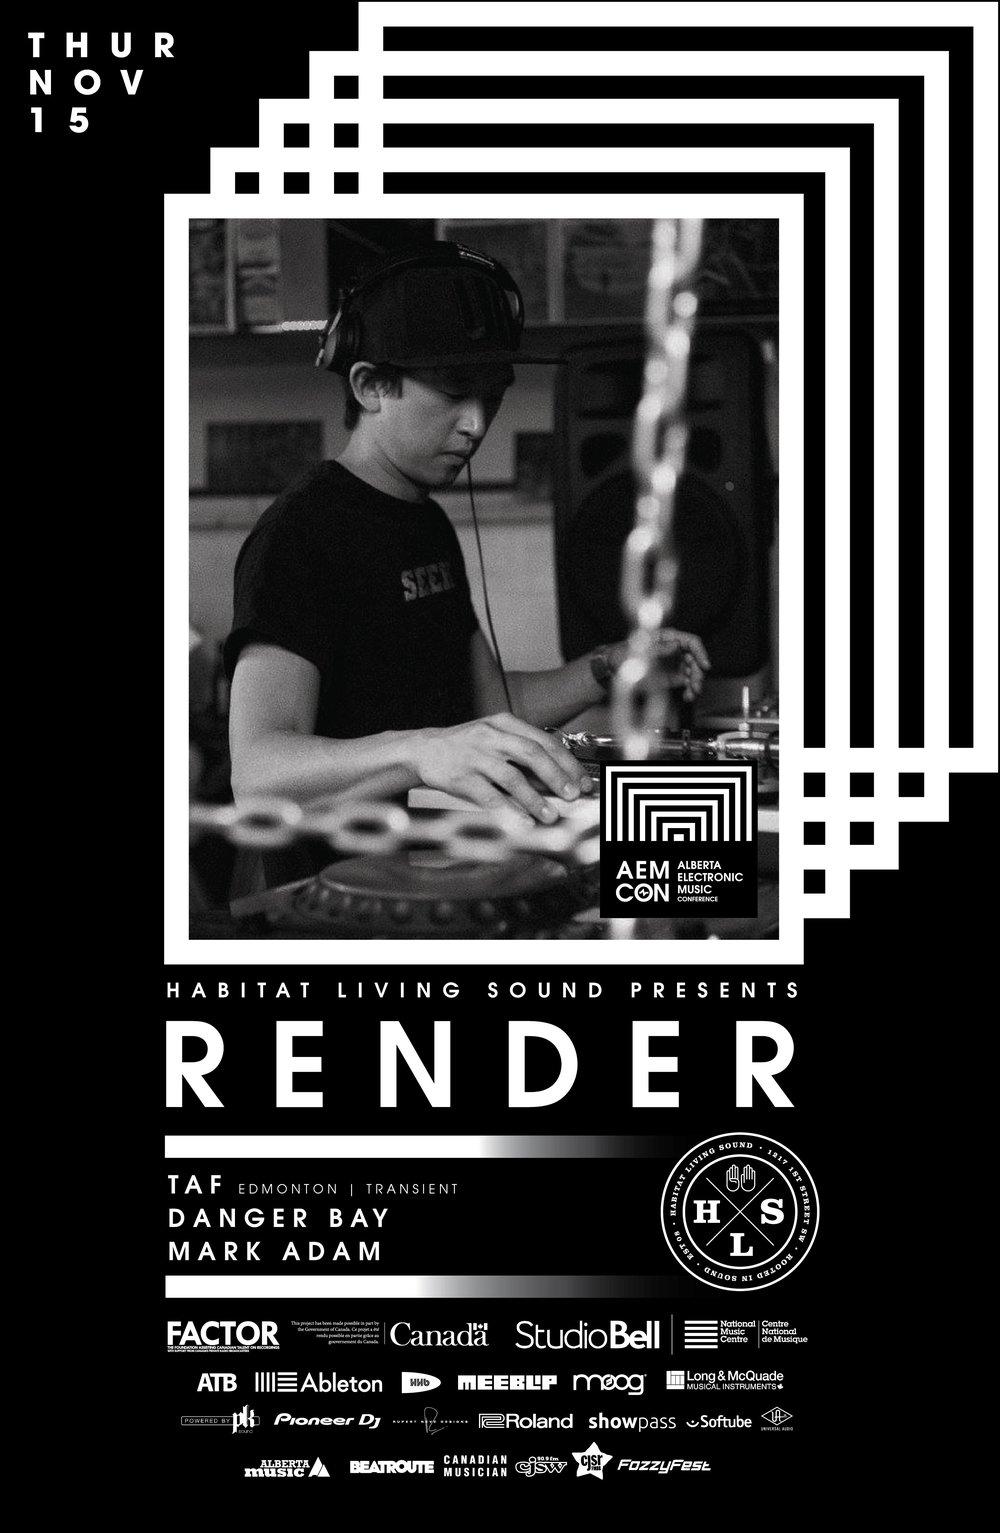 RENDER-01.jpg